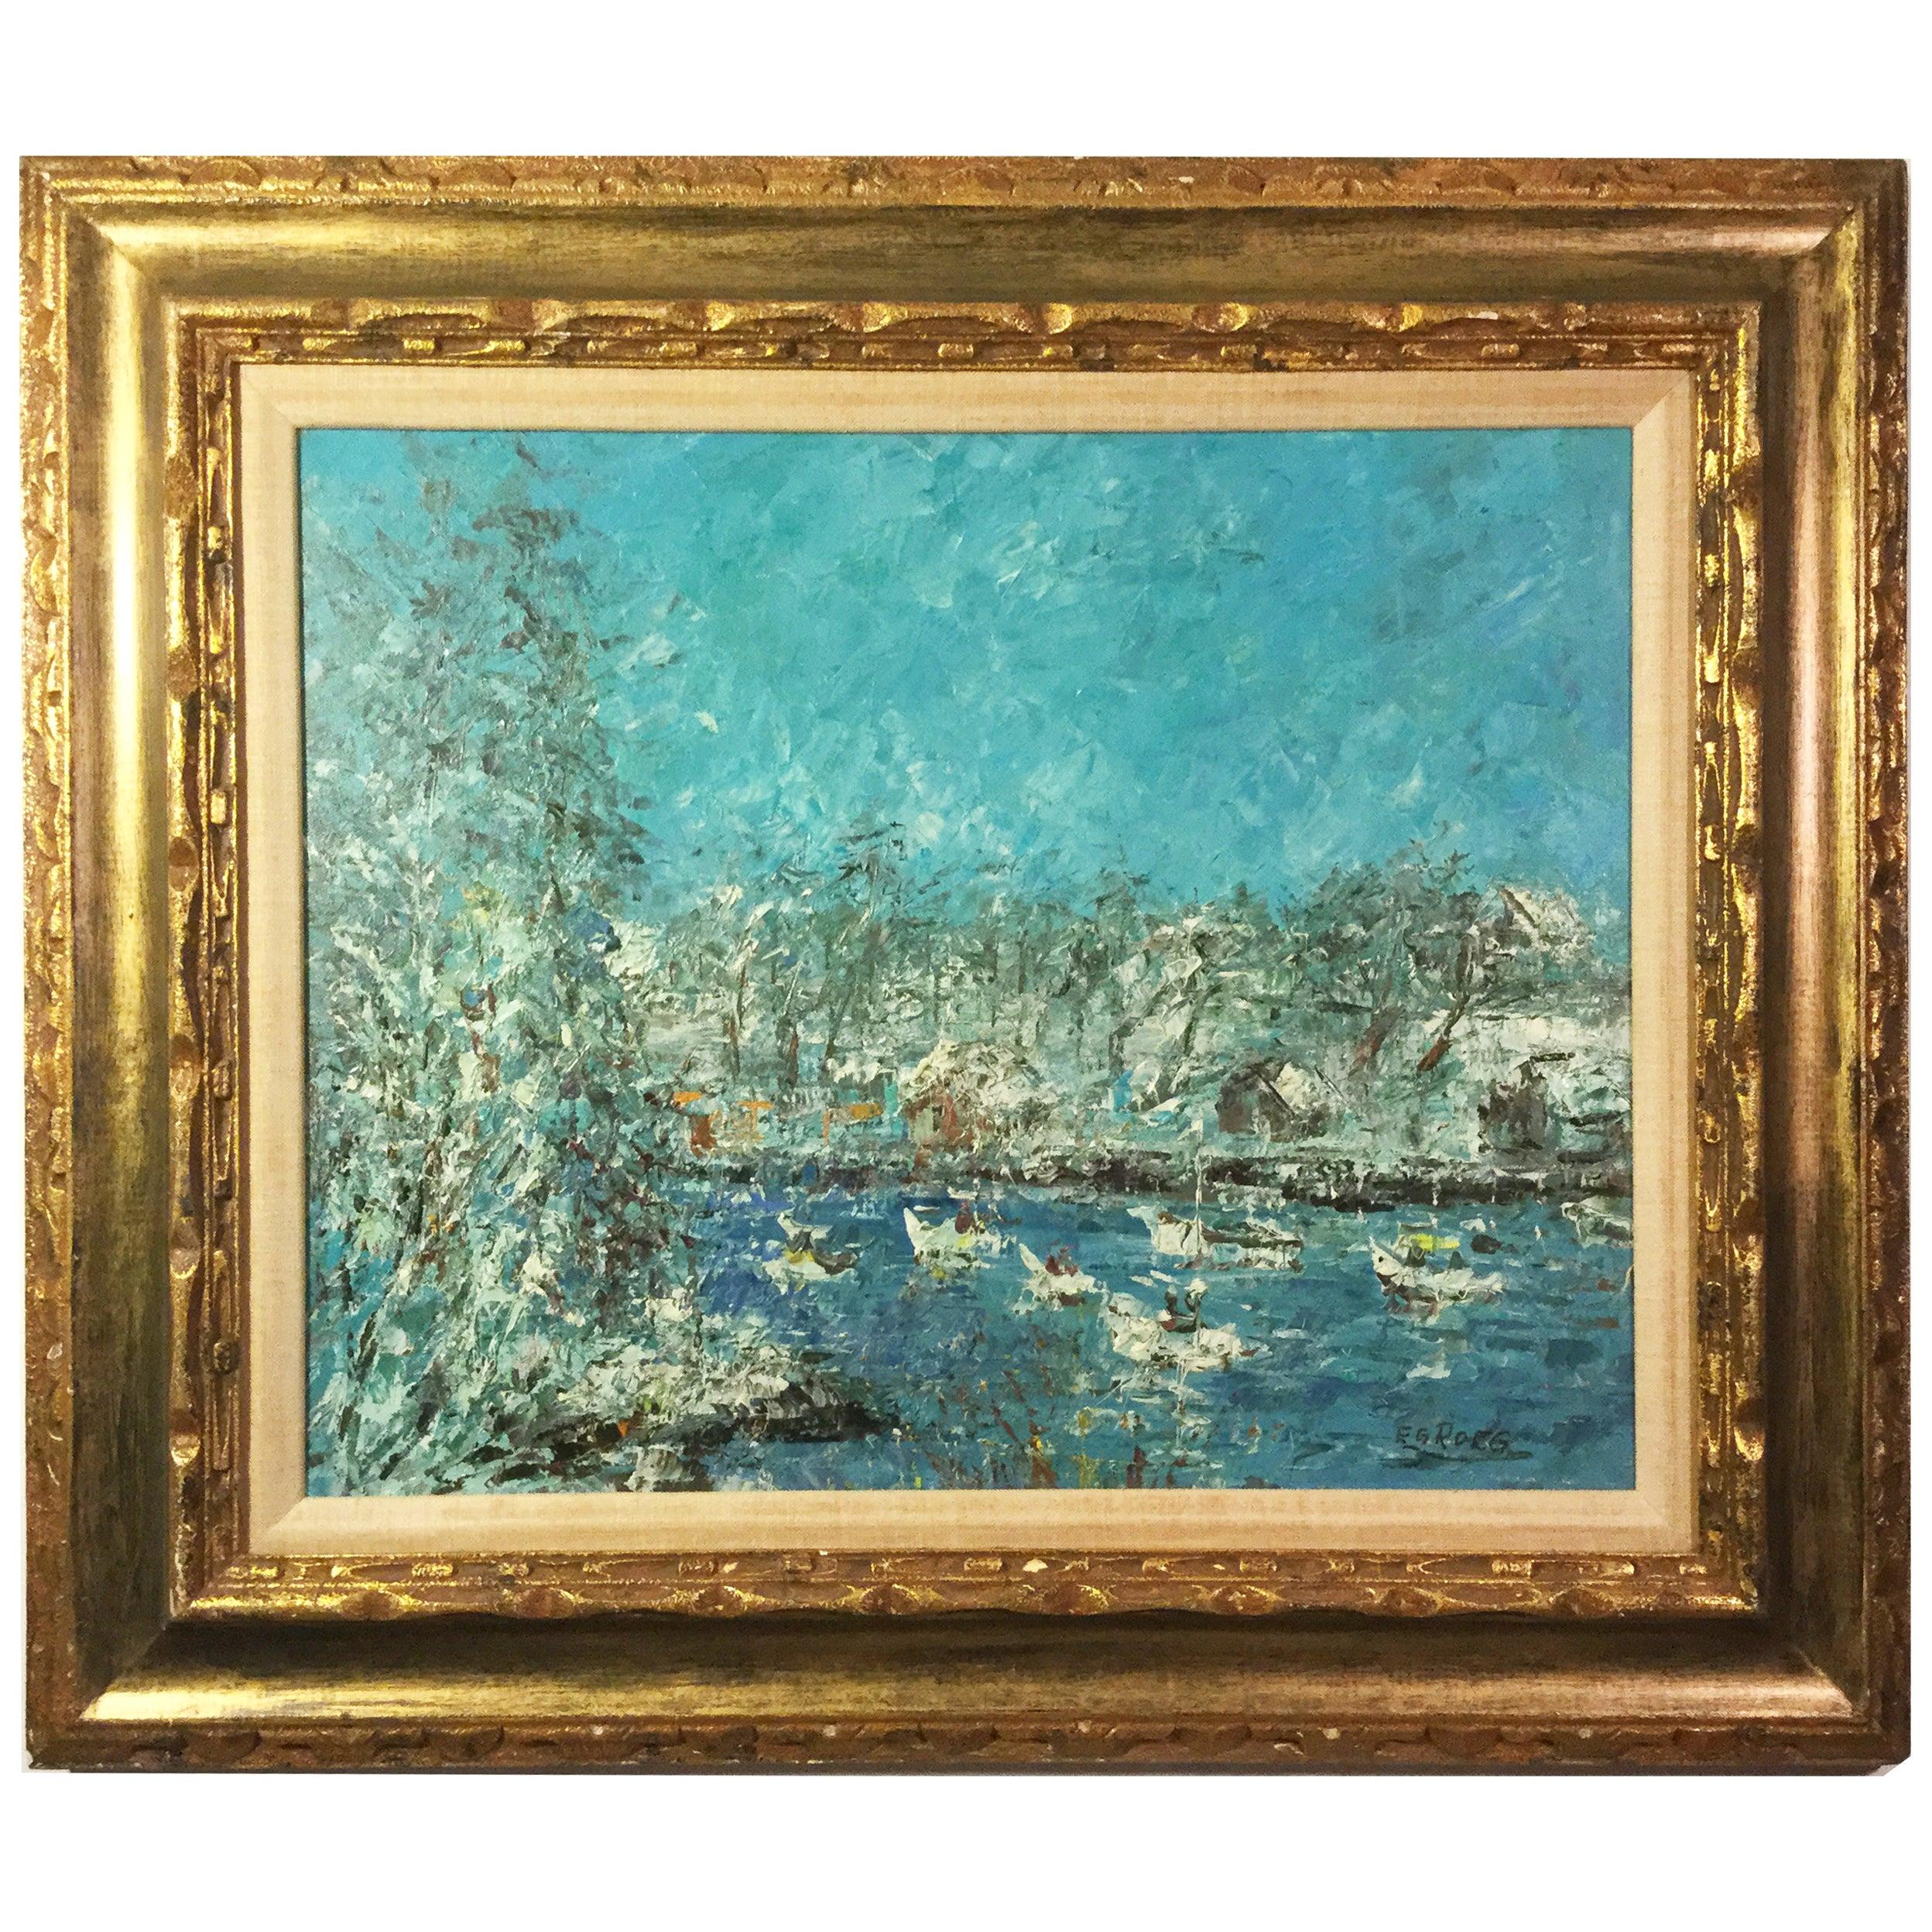 EGROEG Oil on Canvas Lake or Harbor Impressionist Midcentury Painting